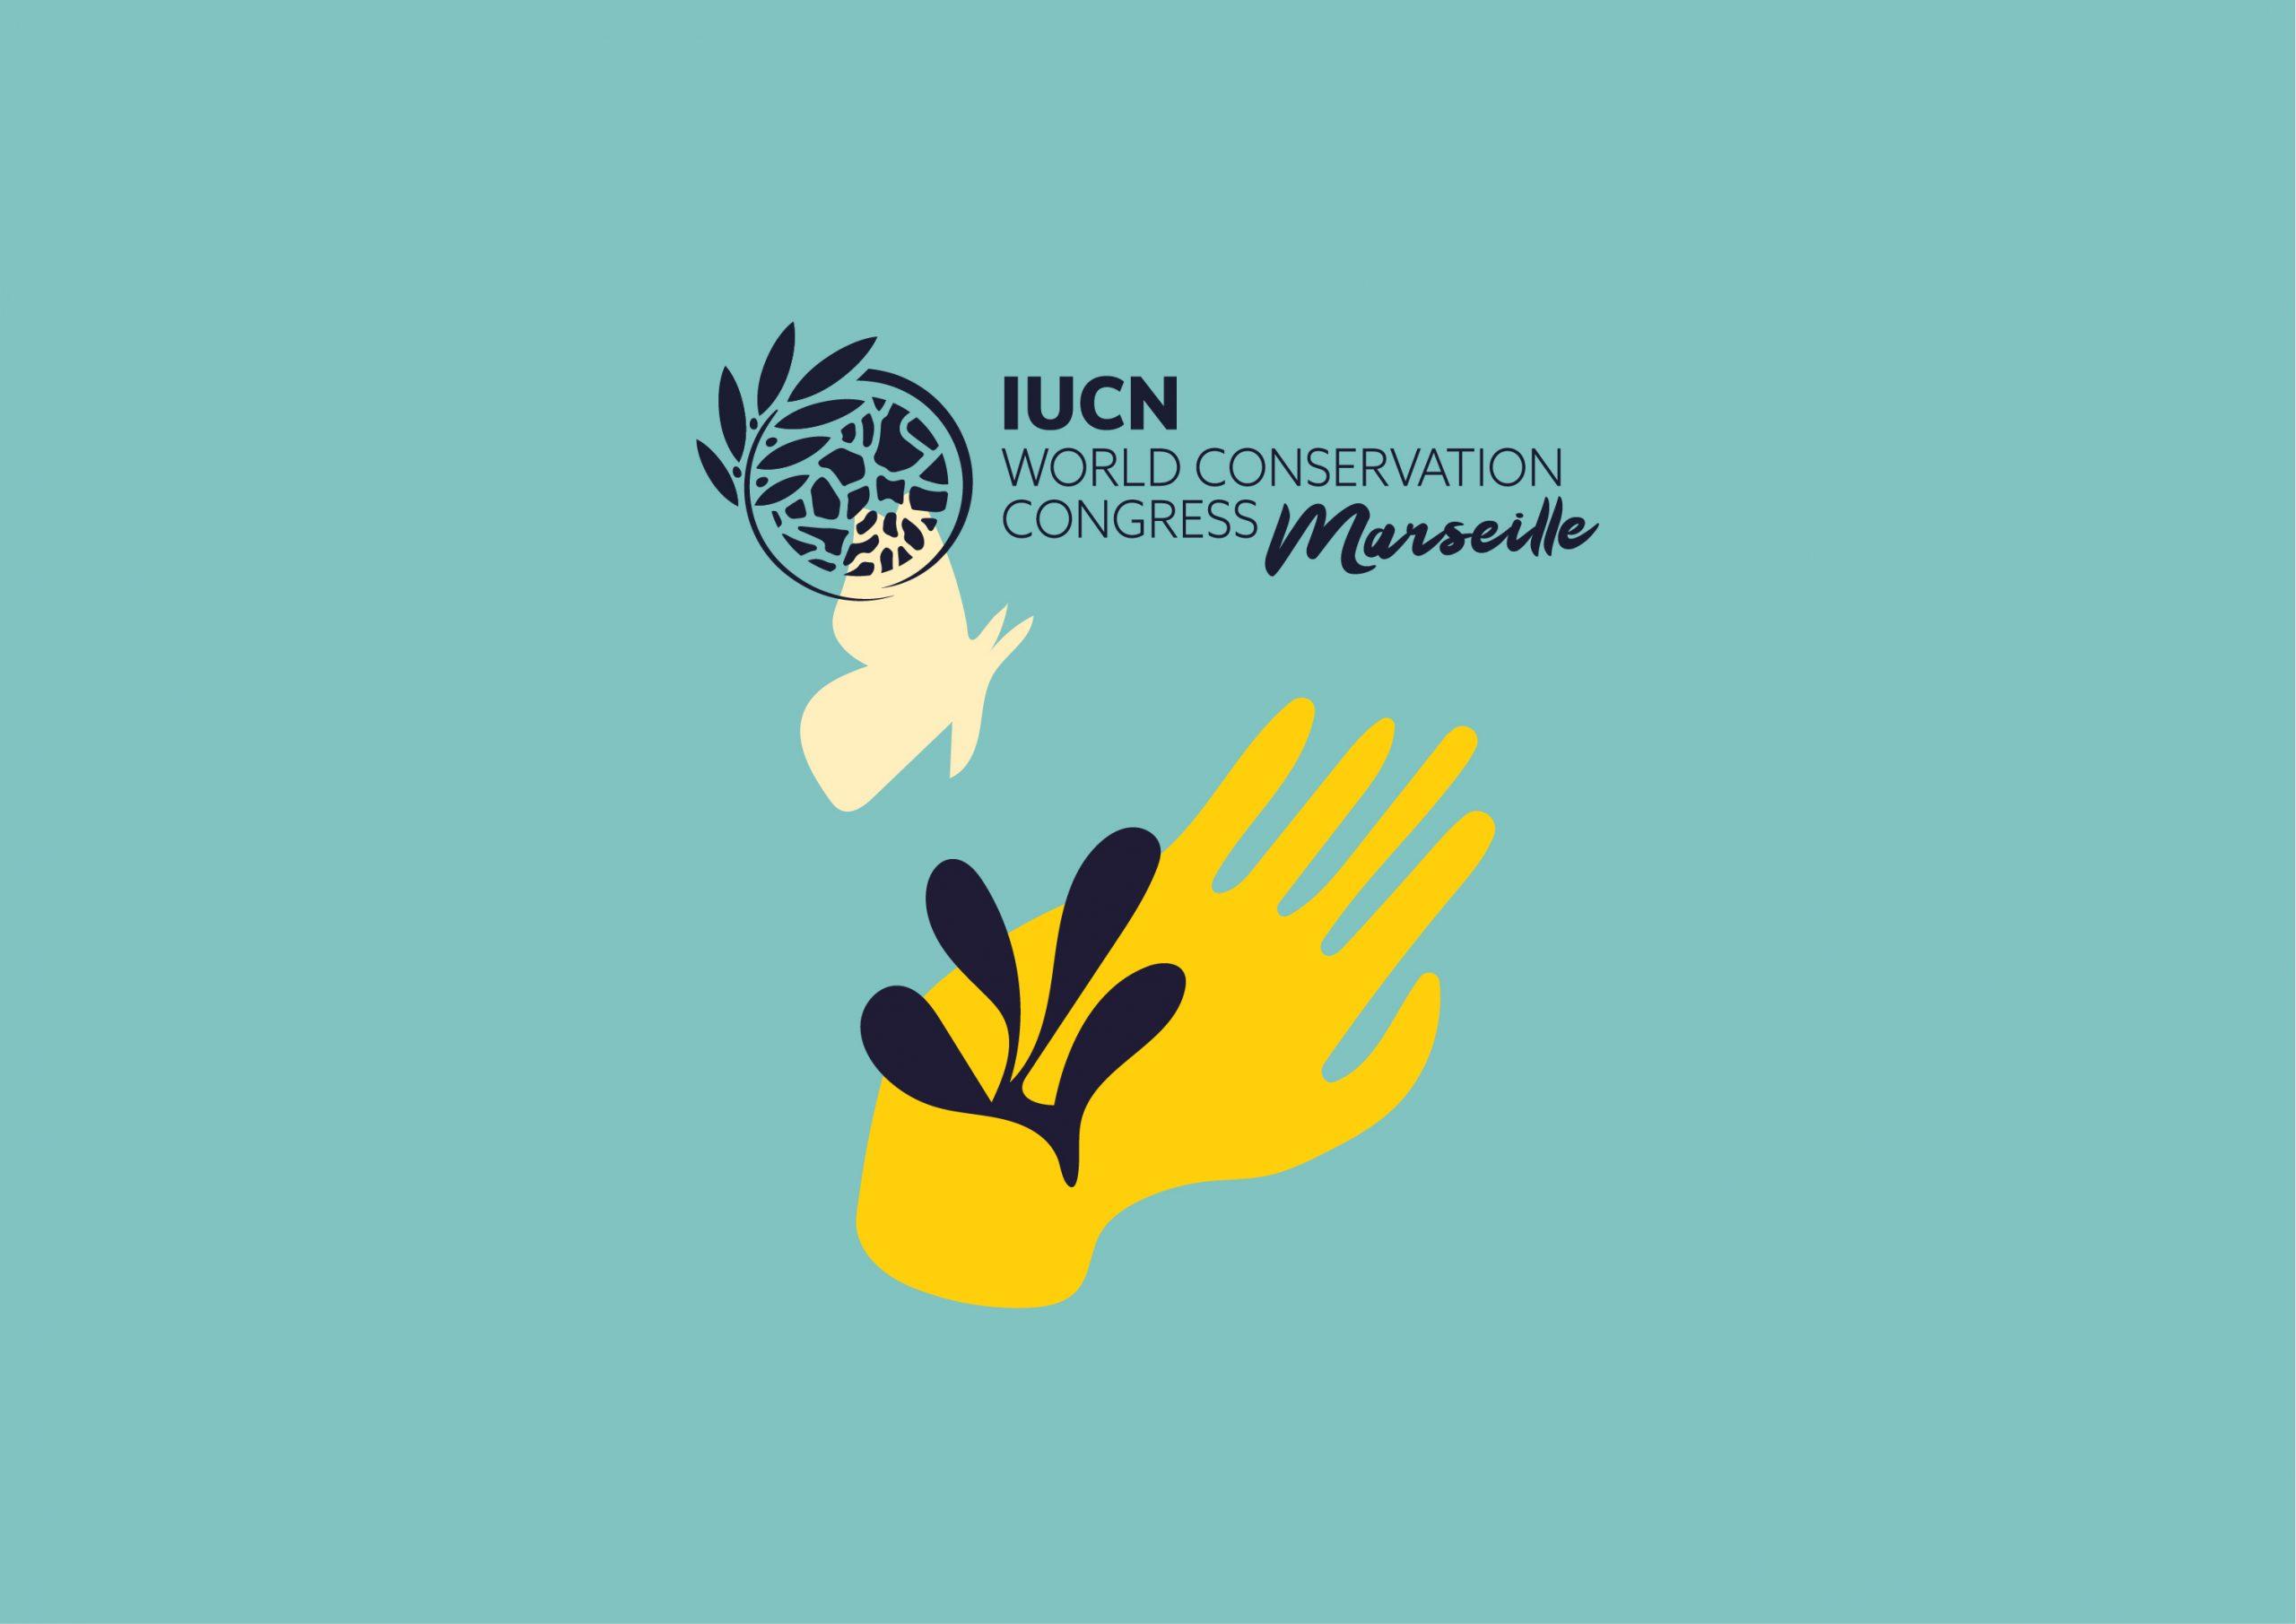 Identité IUCN x Groupe L'occitane